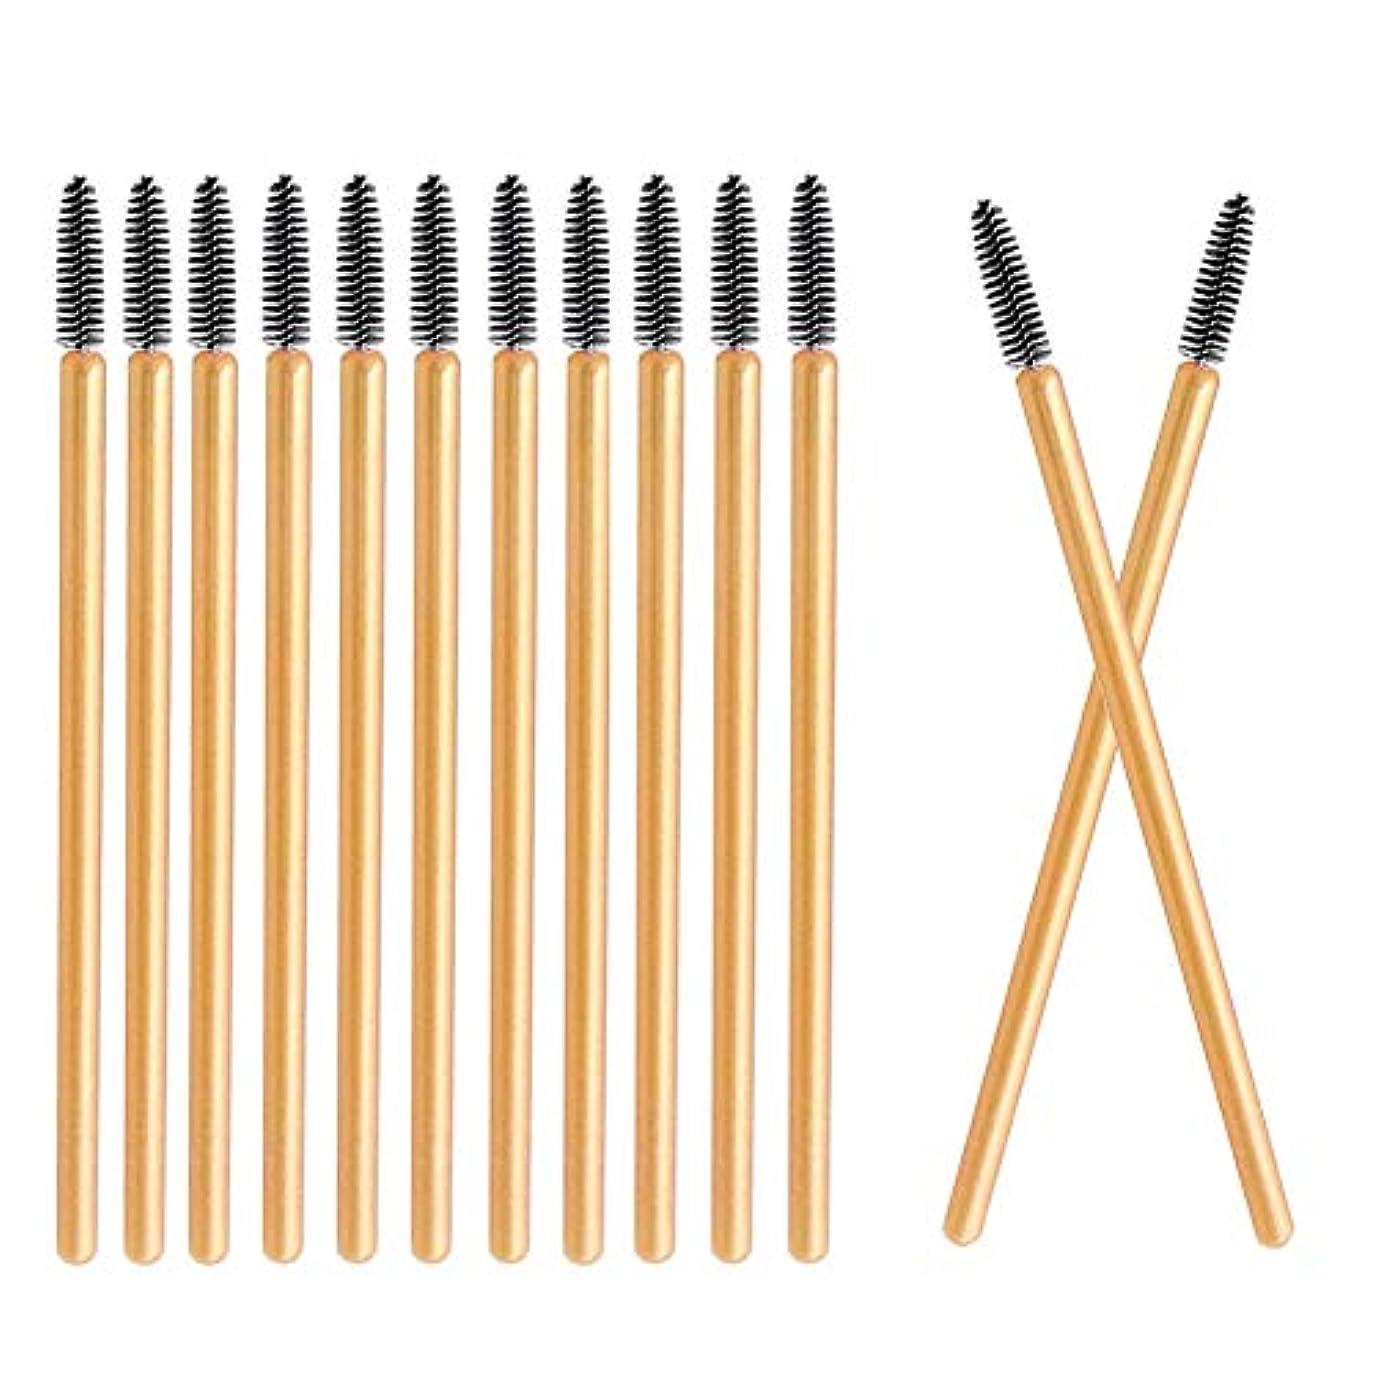 退却法律によりスペクトラムDeksias 100本金色の竿まつげブラシ 使い捨て スクリューブラシ マスカラブラシ まつげコーム メイクブラシ アイメイク 化粧用品 (黒色)